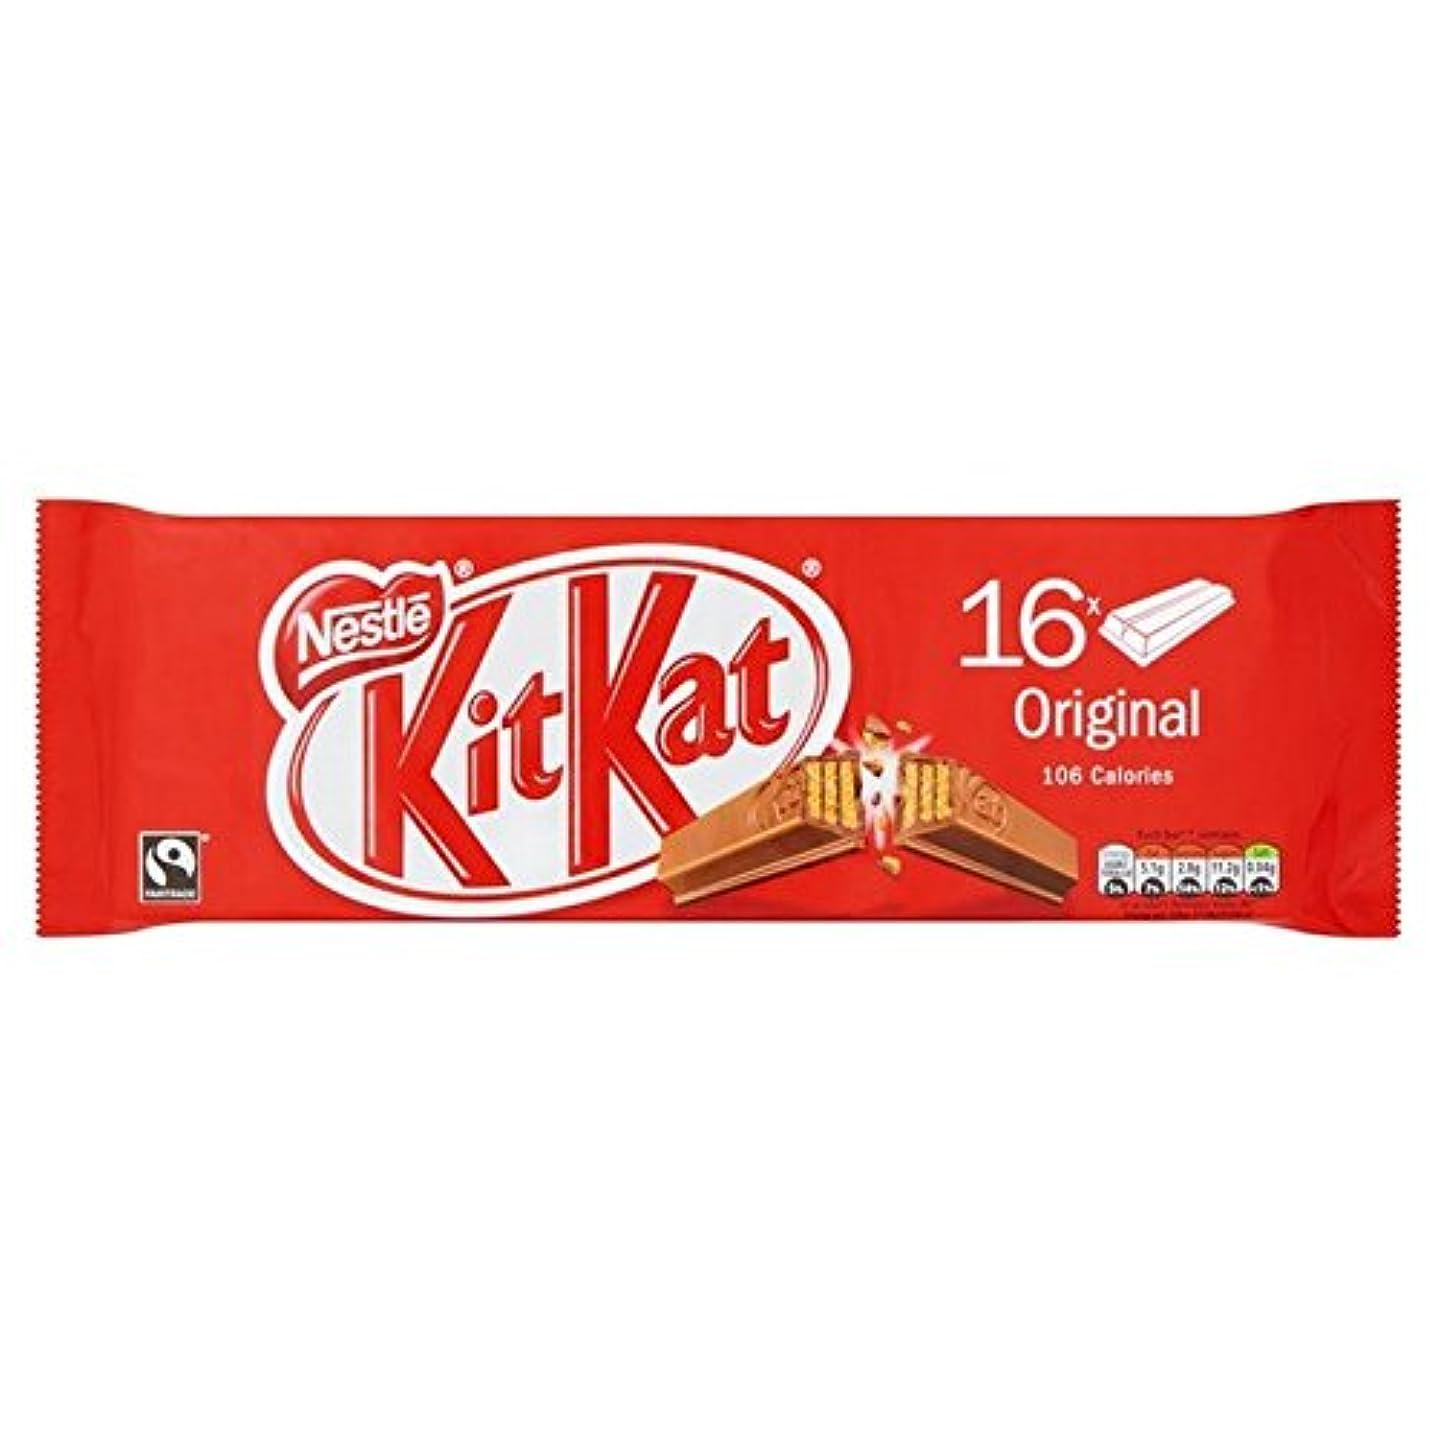 カウボーイ継続中若者(Nestle (寄り添います)) キットカットオリジナル16パック331.2グラム (x4) - Kit Kat Original 16 Pack 331.2g (Pack of 4) [並行輸入品]